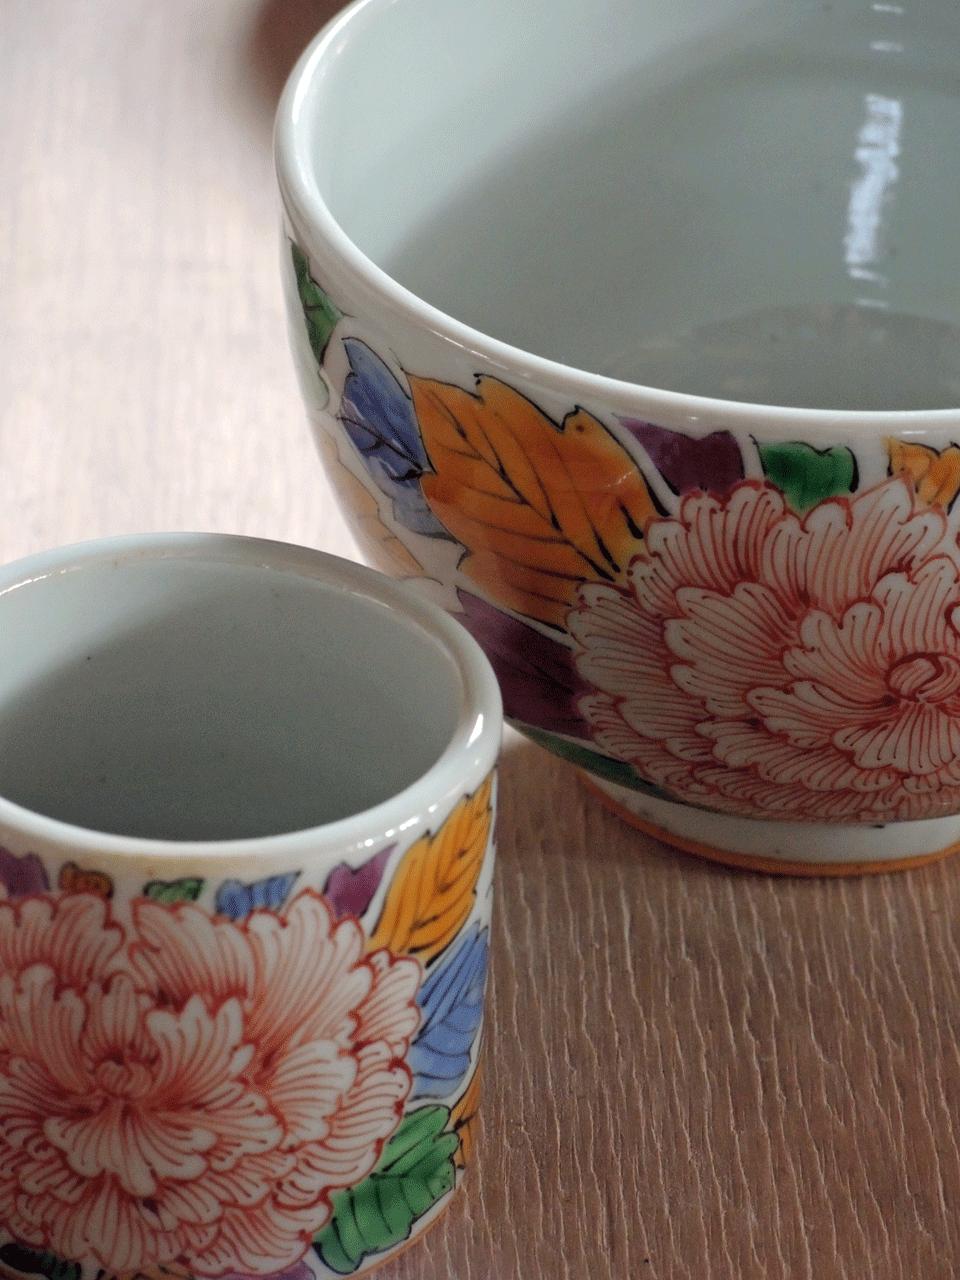 錦牡丹文茶碗(藤吉憲典)